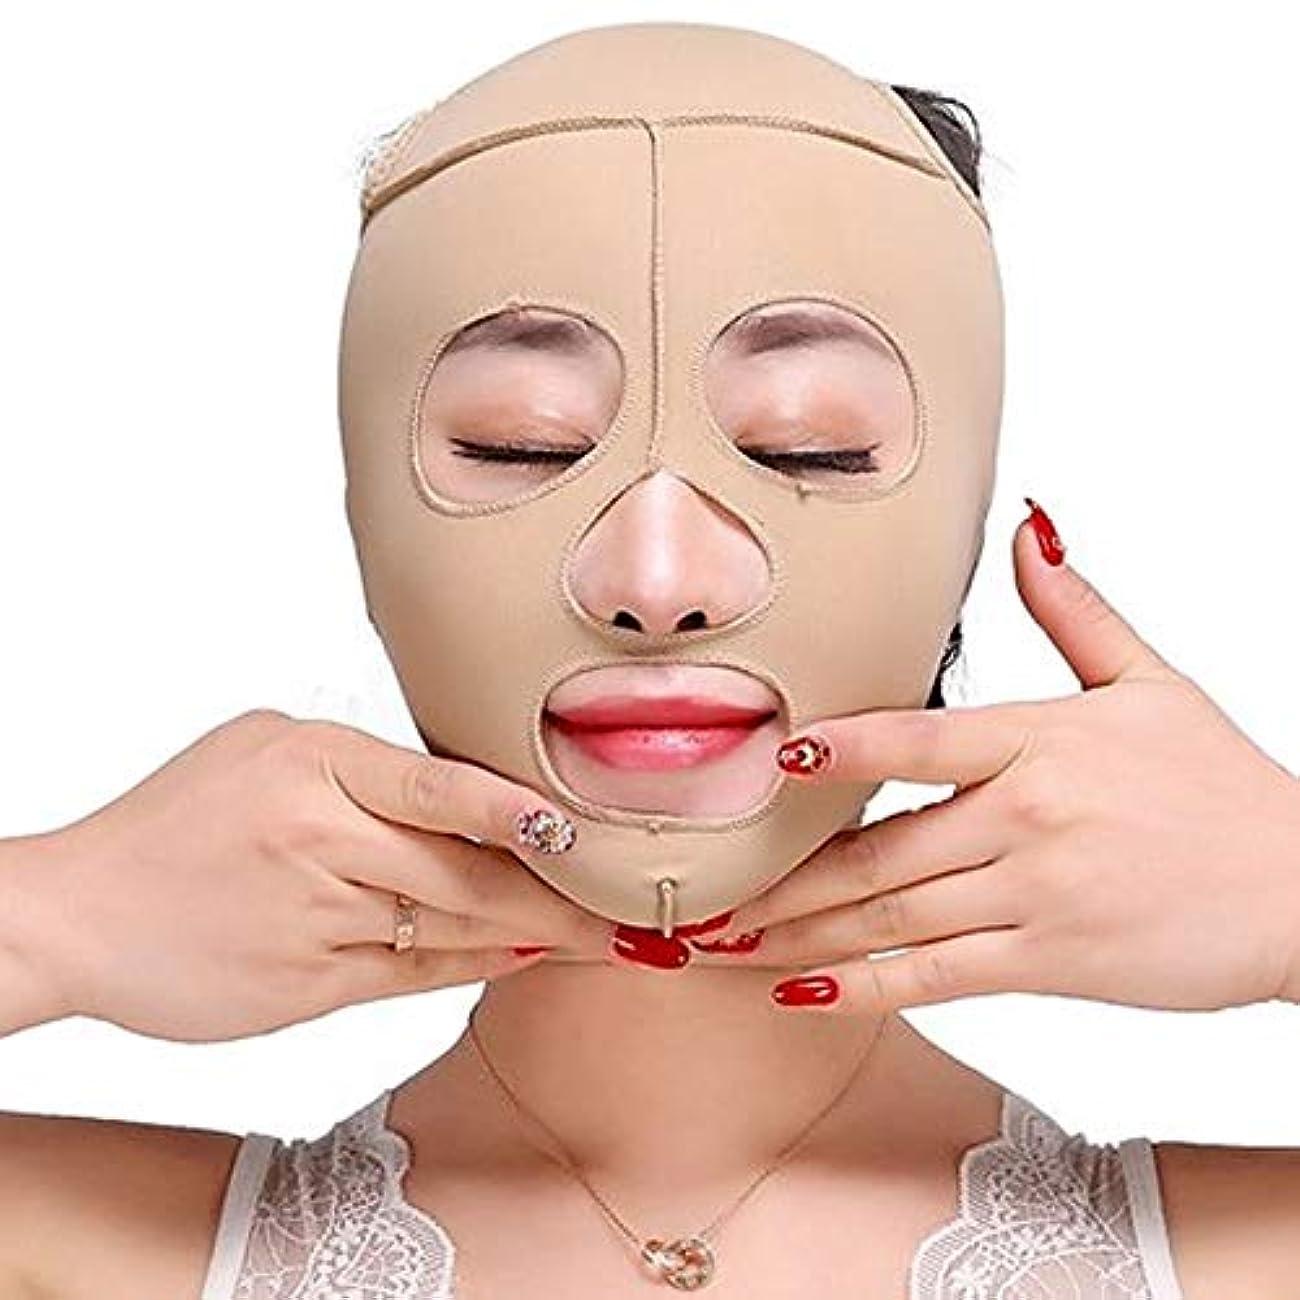 人質焼く吸収剤Jia Jia- フェイスリフティングアーティファクト睡眠薄い顔顔の顔薄い顔V顔マスク二重あご薄い顔包帯肌色 顔面包帯 (サイズ さいず : XL)